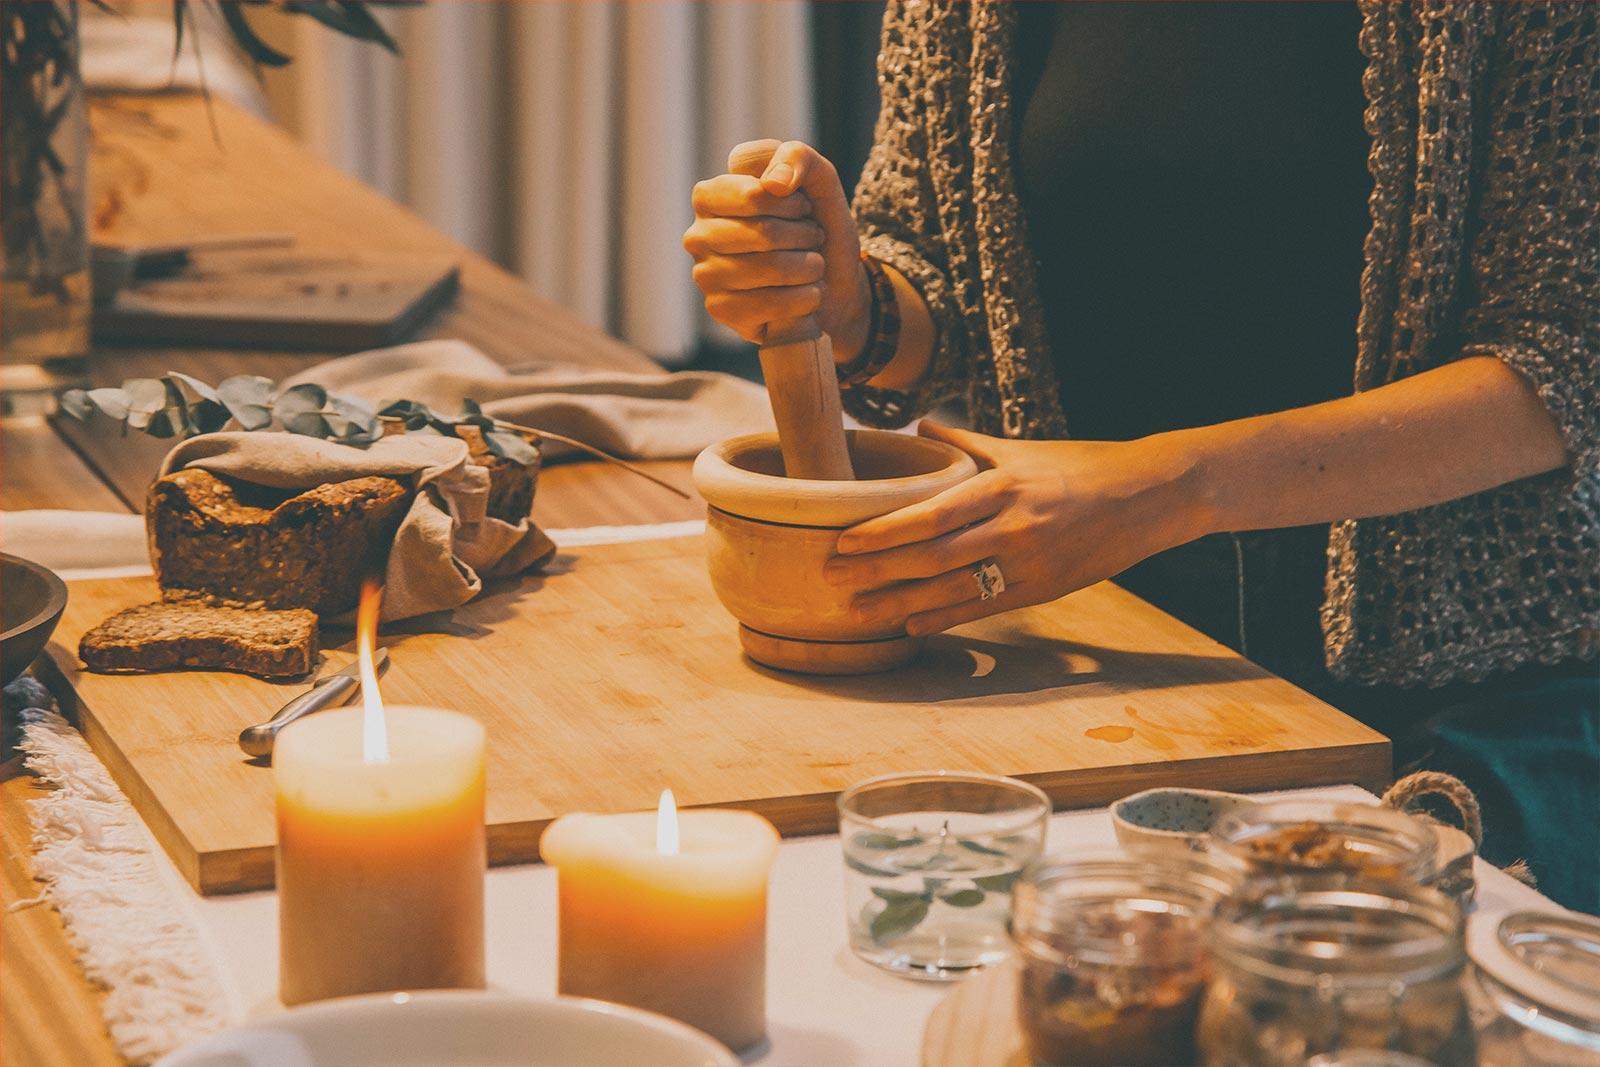 La cocina como ejercicio de atención plena